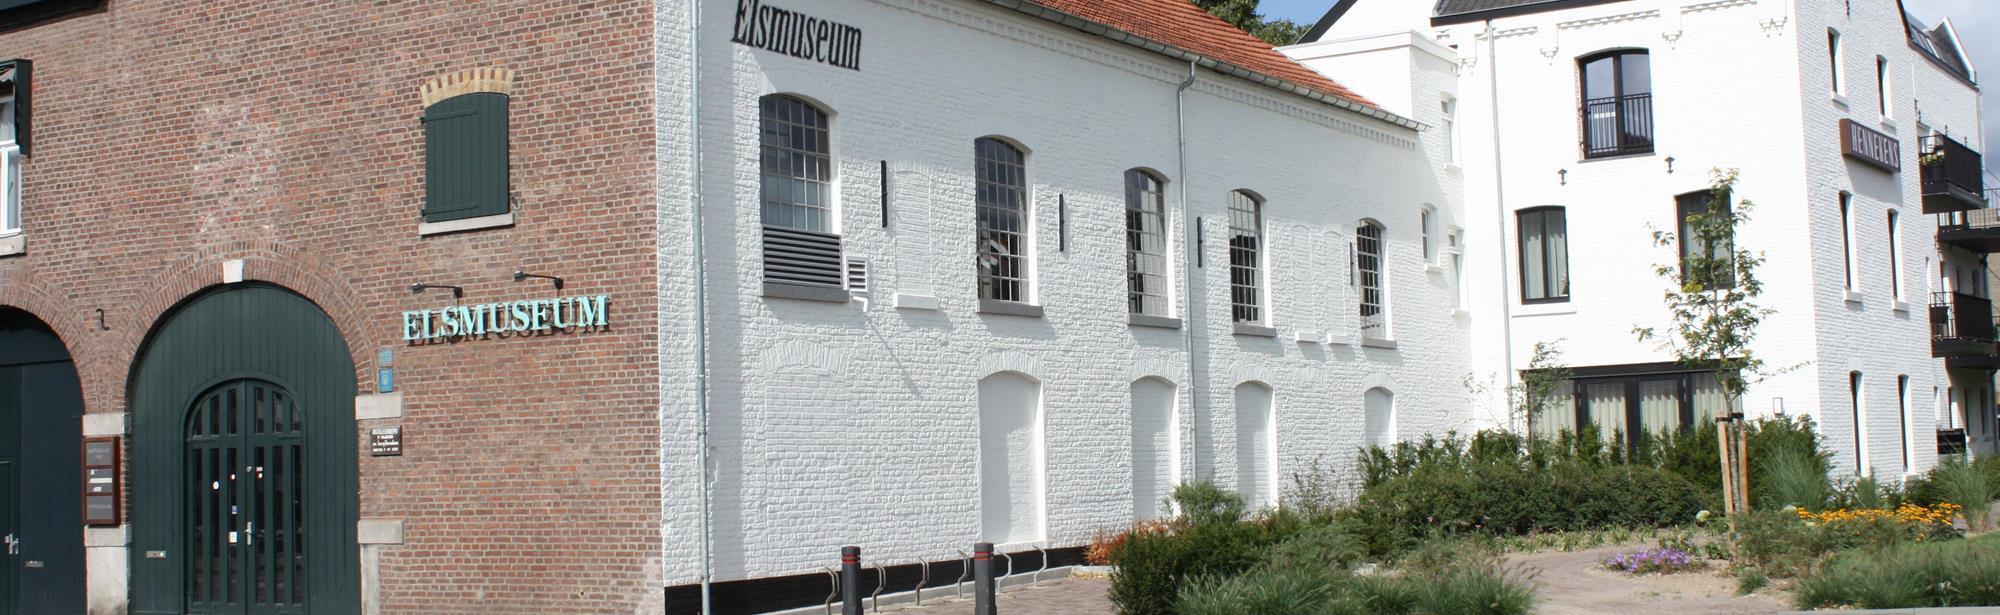 Elsmuseum Beek